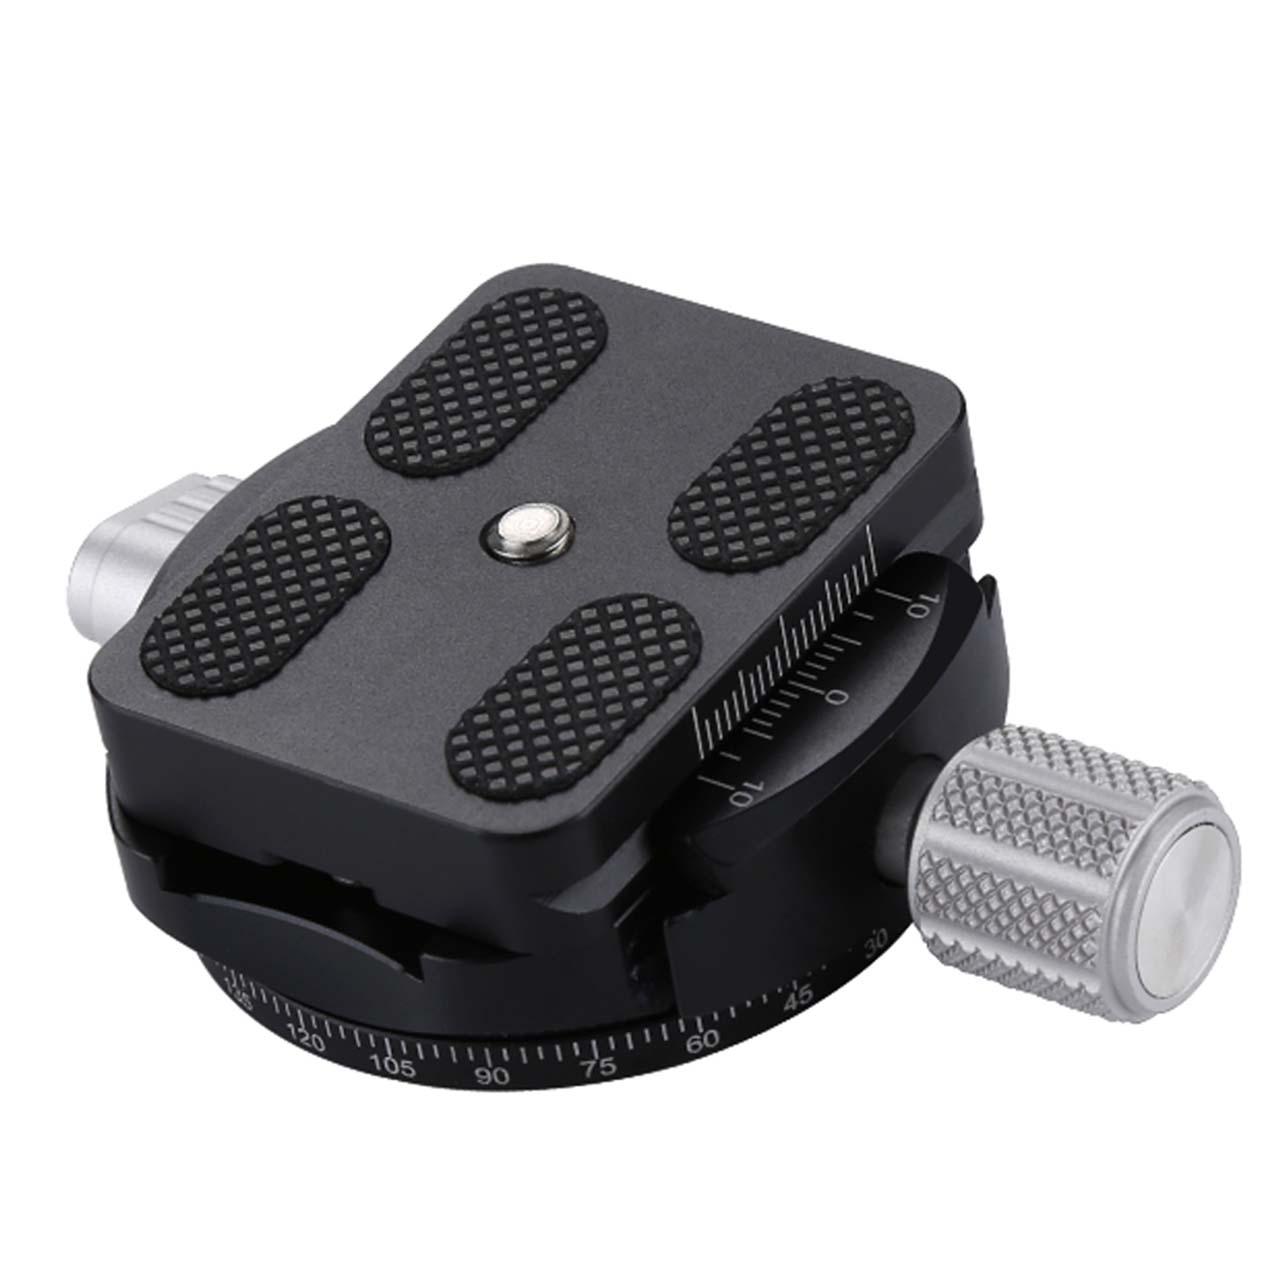 صفحه کفشک پلوز مدل Panoramic مناسب برای دوربین های عکاسی